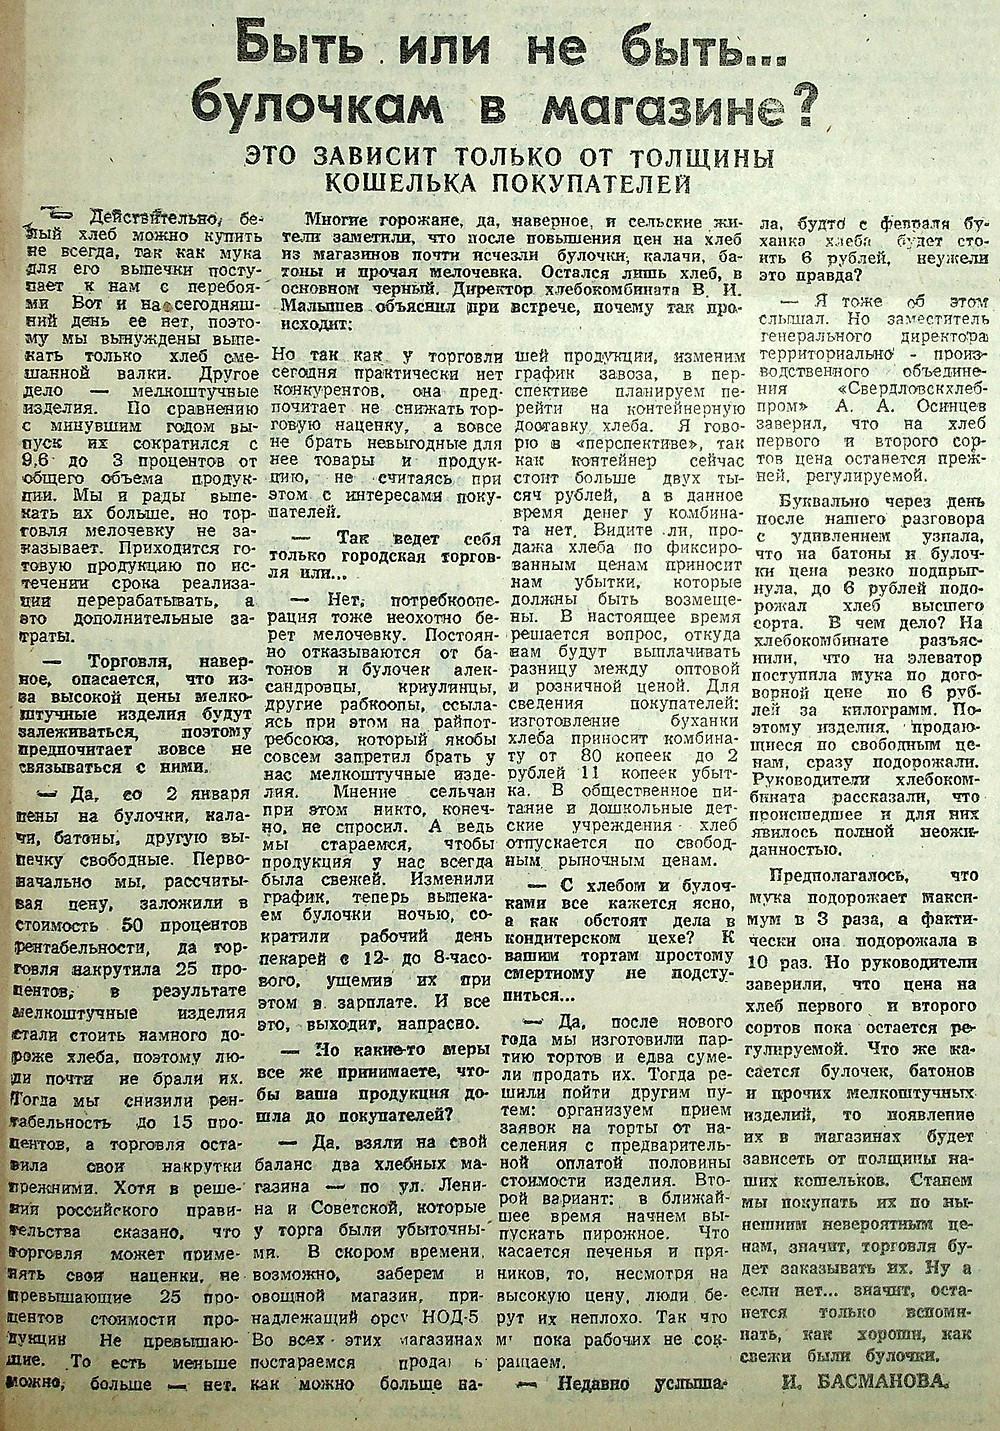 Газета Вперед (красноуфимск), 1992 год. ГА в г.Красноуфимске. Б ф. Оп. 4. Д. 83. Л. 27.